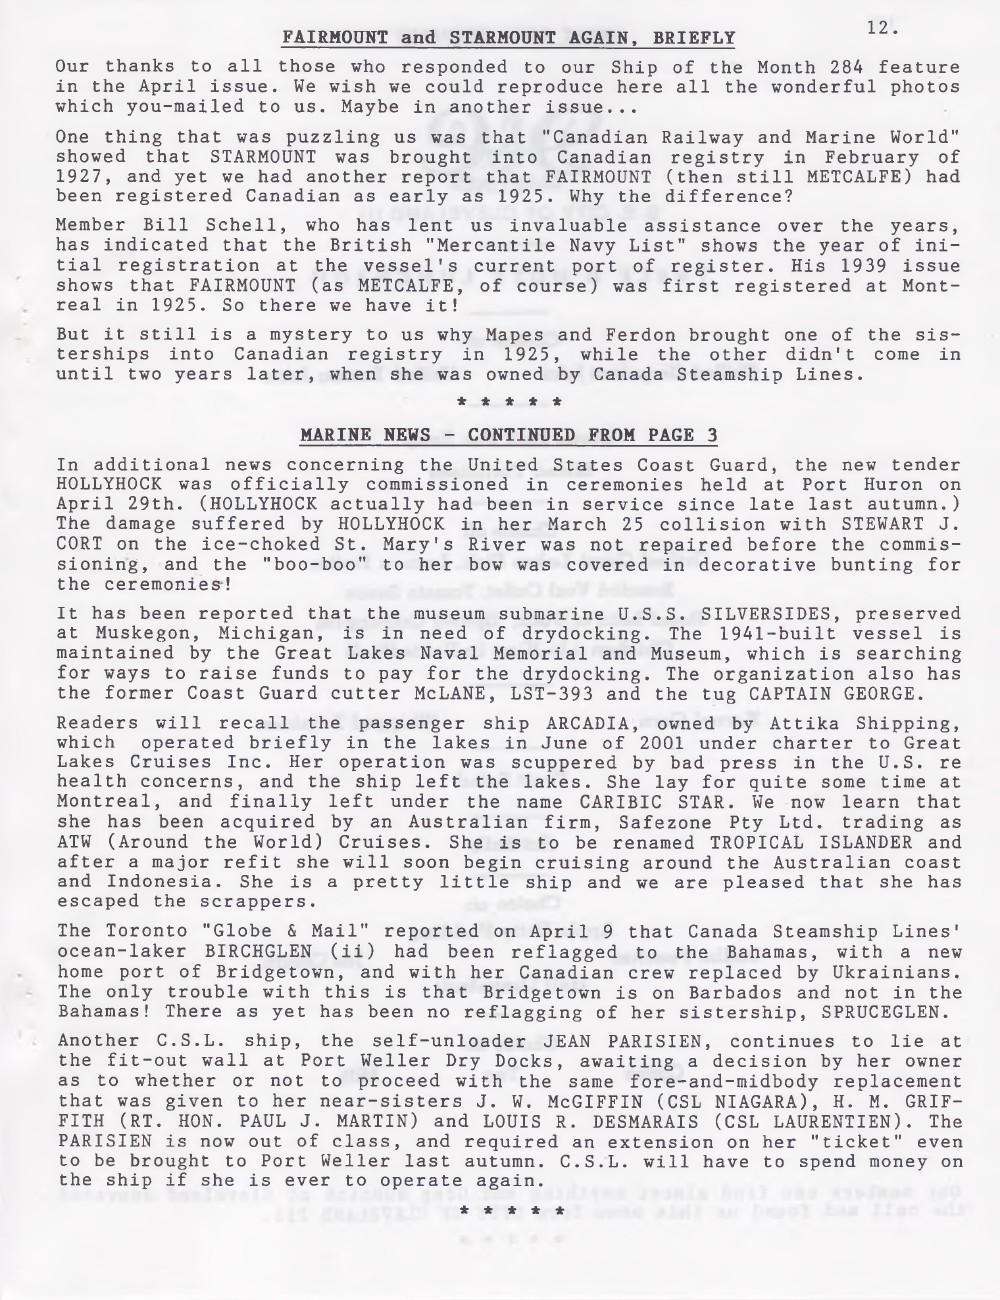 Scanner, v. 36, no. 8 (May 2004)